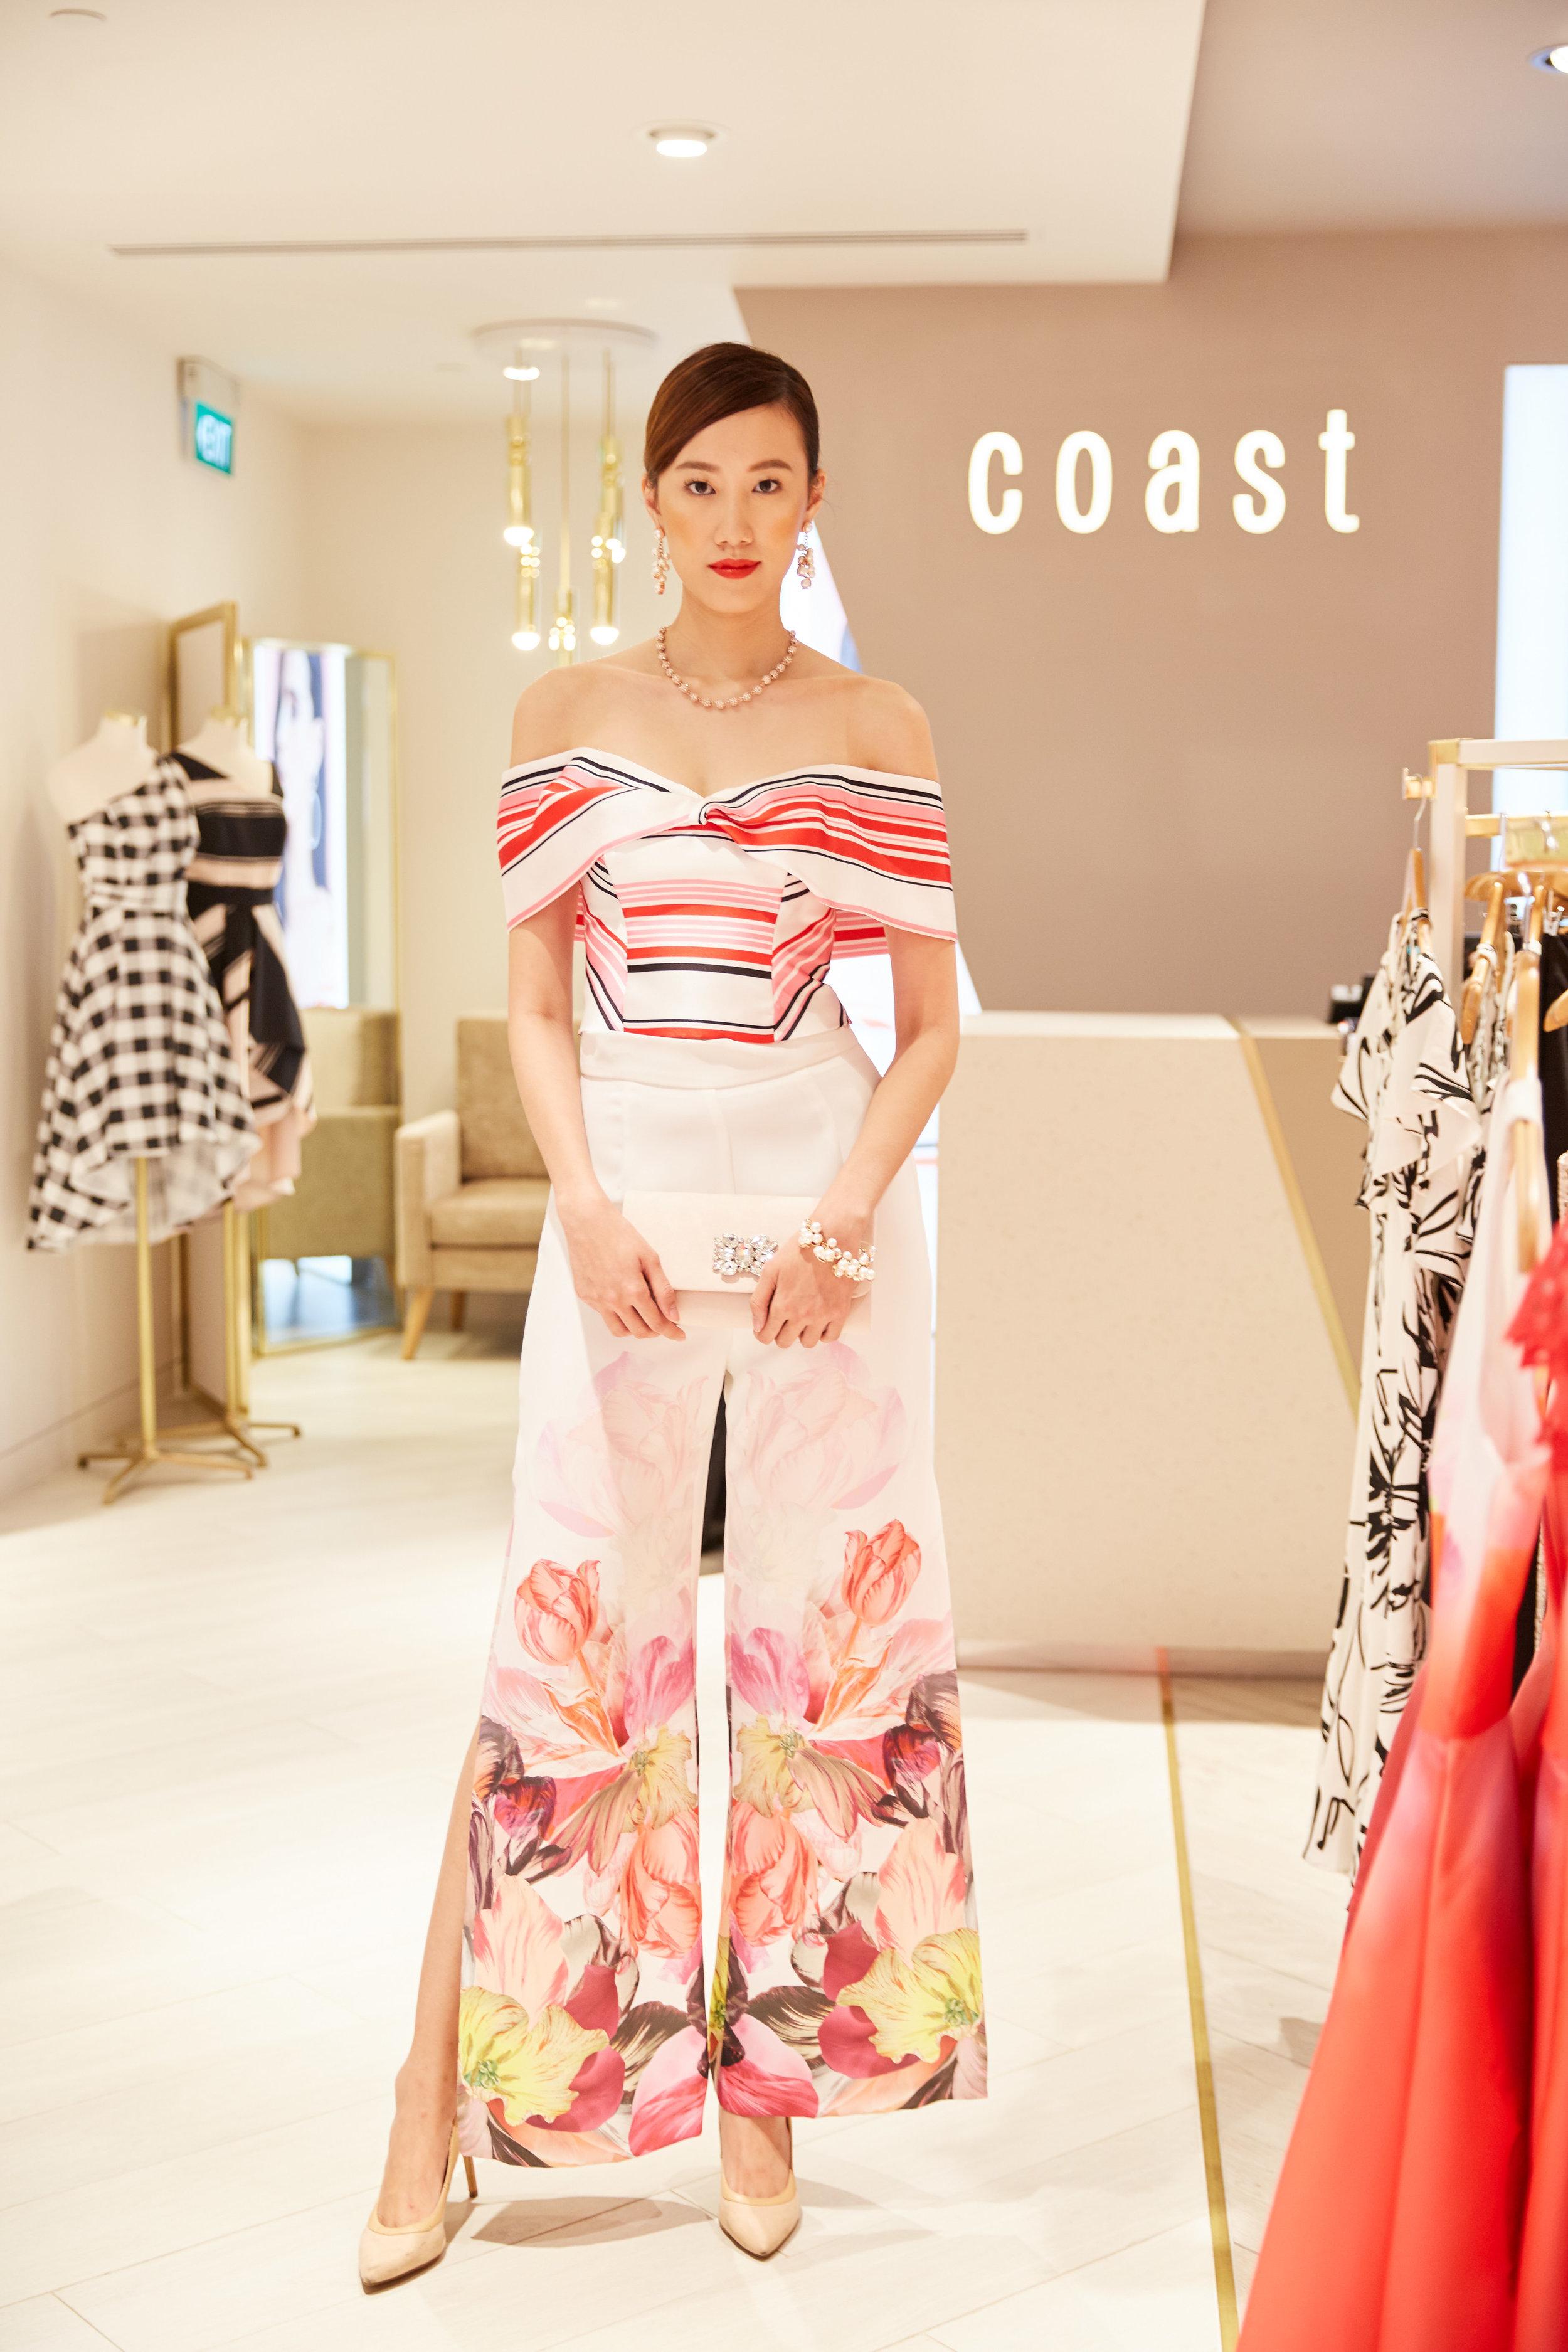 Coast - 215.jpg